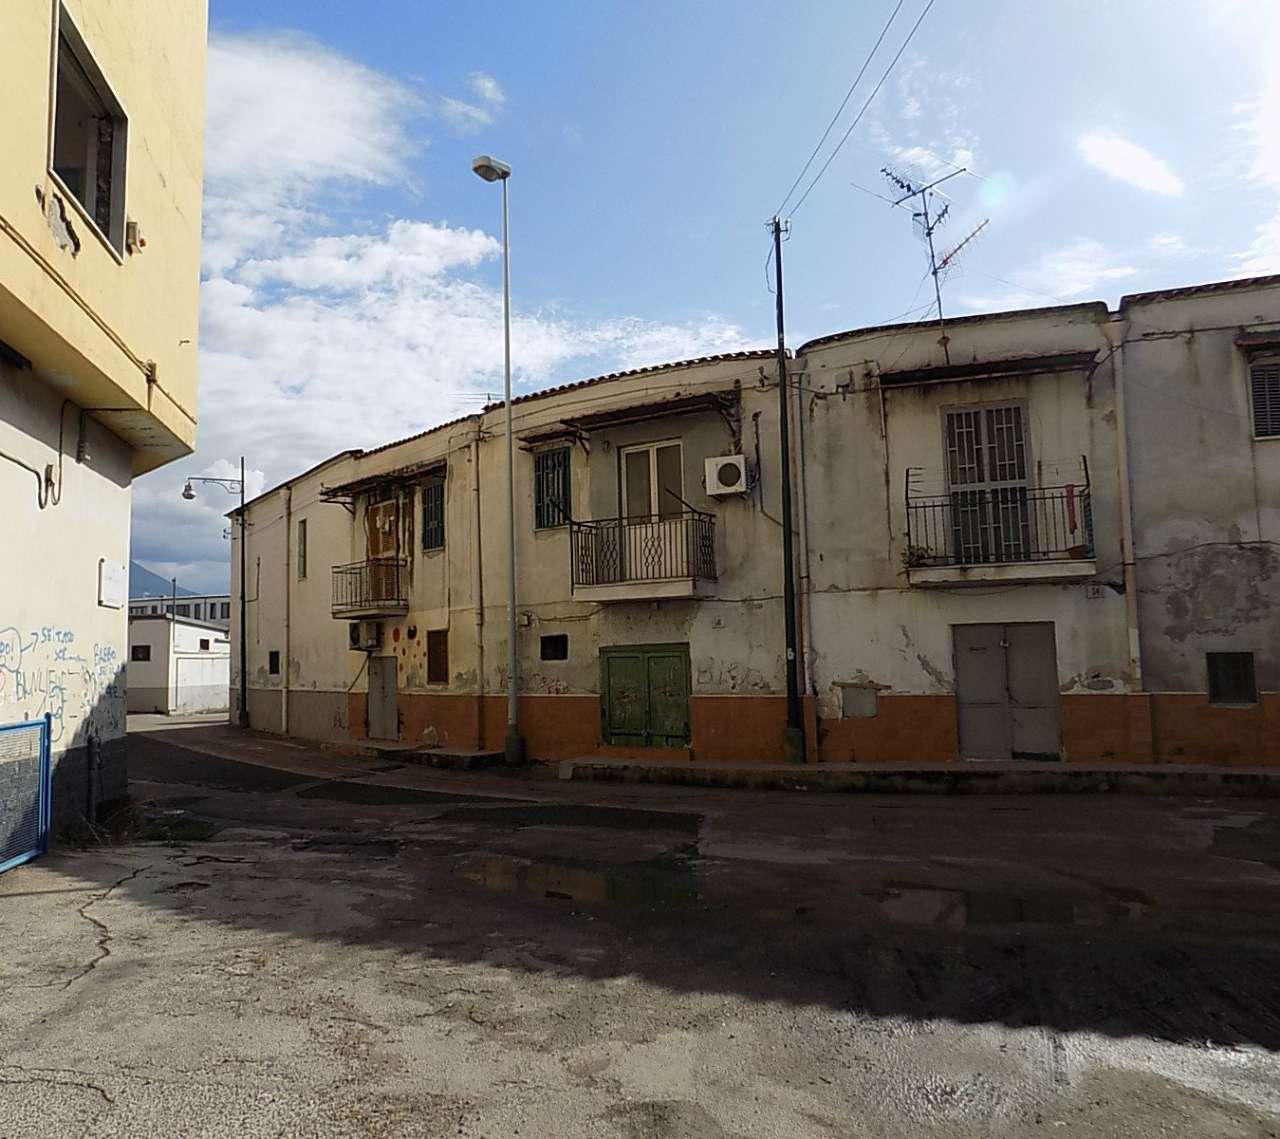 Palazzo / Stabile in vendita a Napoli, 9999 locali, zona Zona: 6 . Ponticelli, Barra, San Giovanni a Teduccio, prezzo € 140.000 | CambioCasa.it